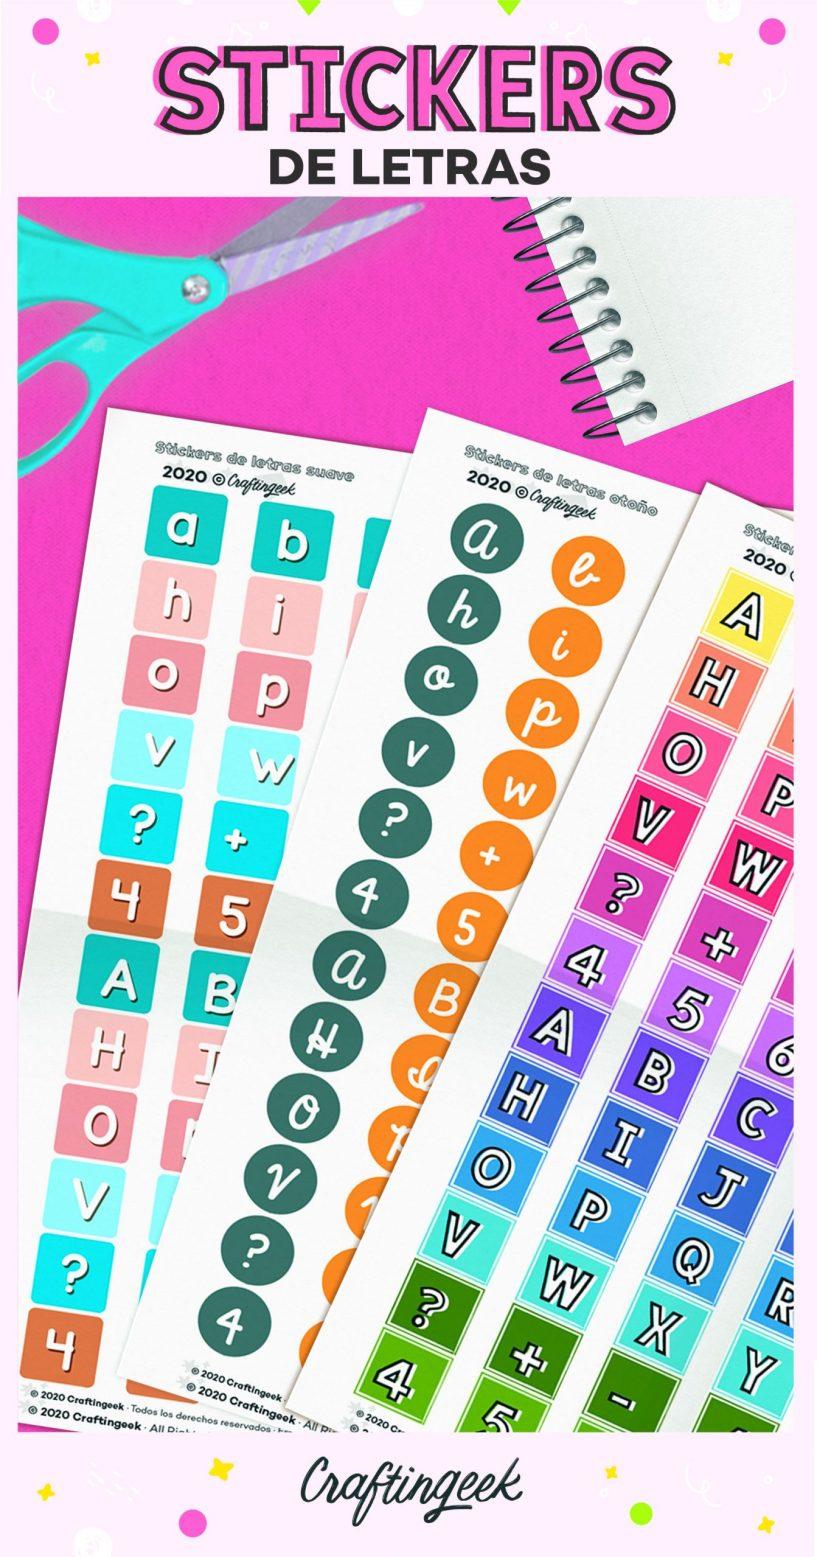 Stickers de letras_Portada